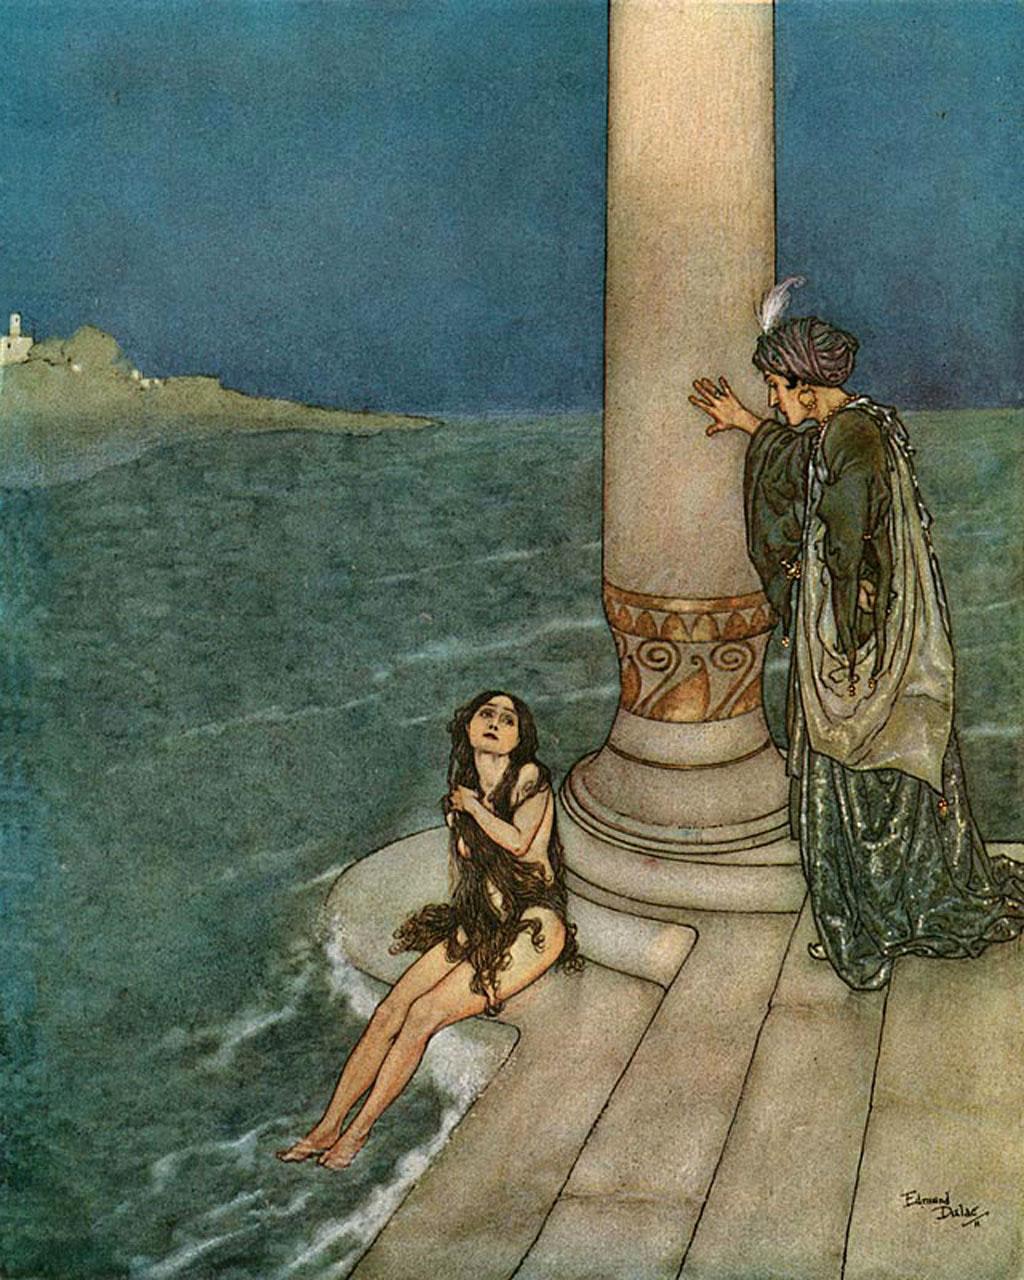 حکایت شاهزاده و زن جادو(مثنوی معنوی)